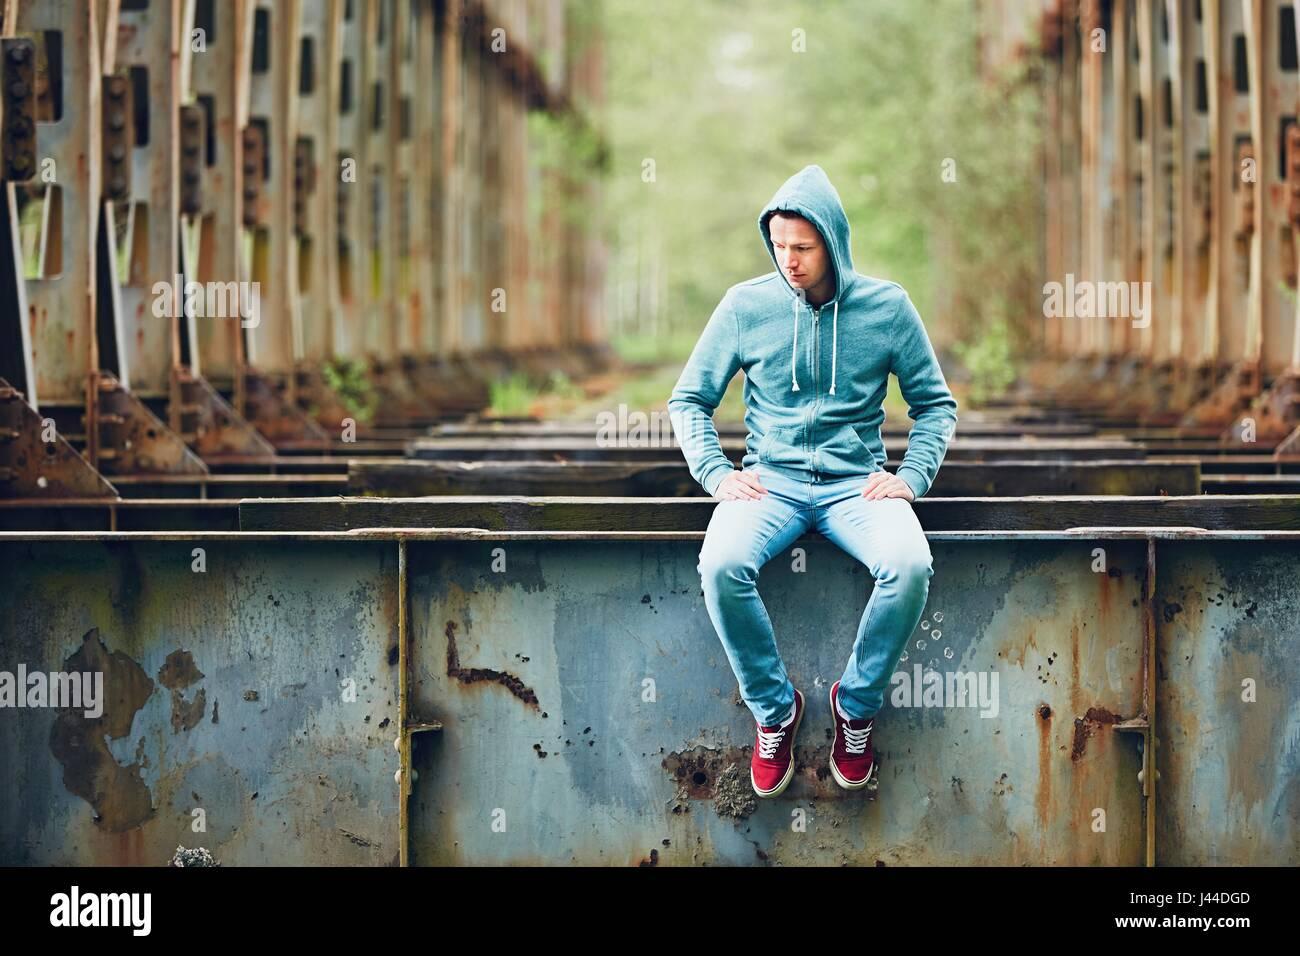 Triste hombre sentado sobre el puente oxidado abandonados. Concepto de tristeza, soledad y mucho más. Imagen De Stock